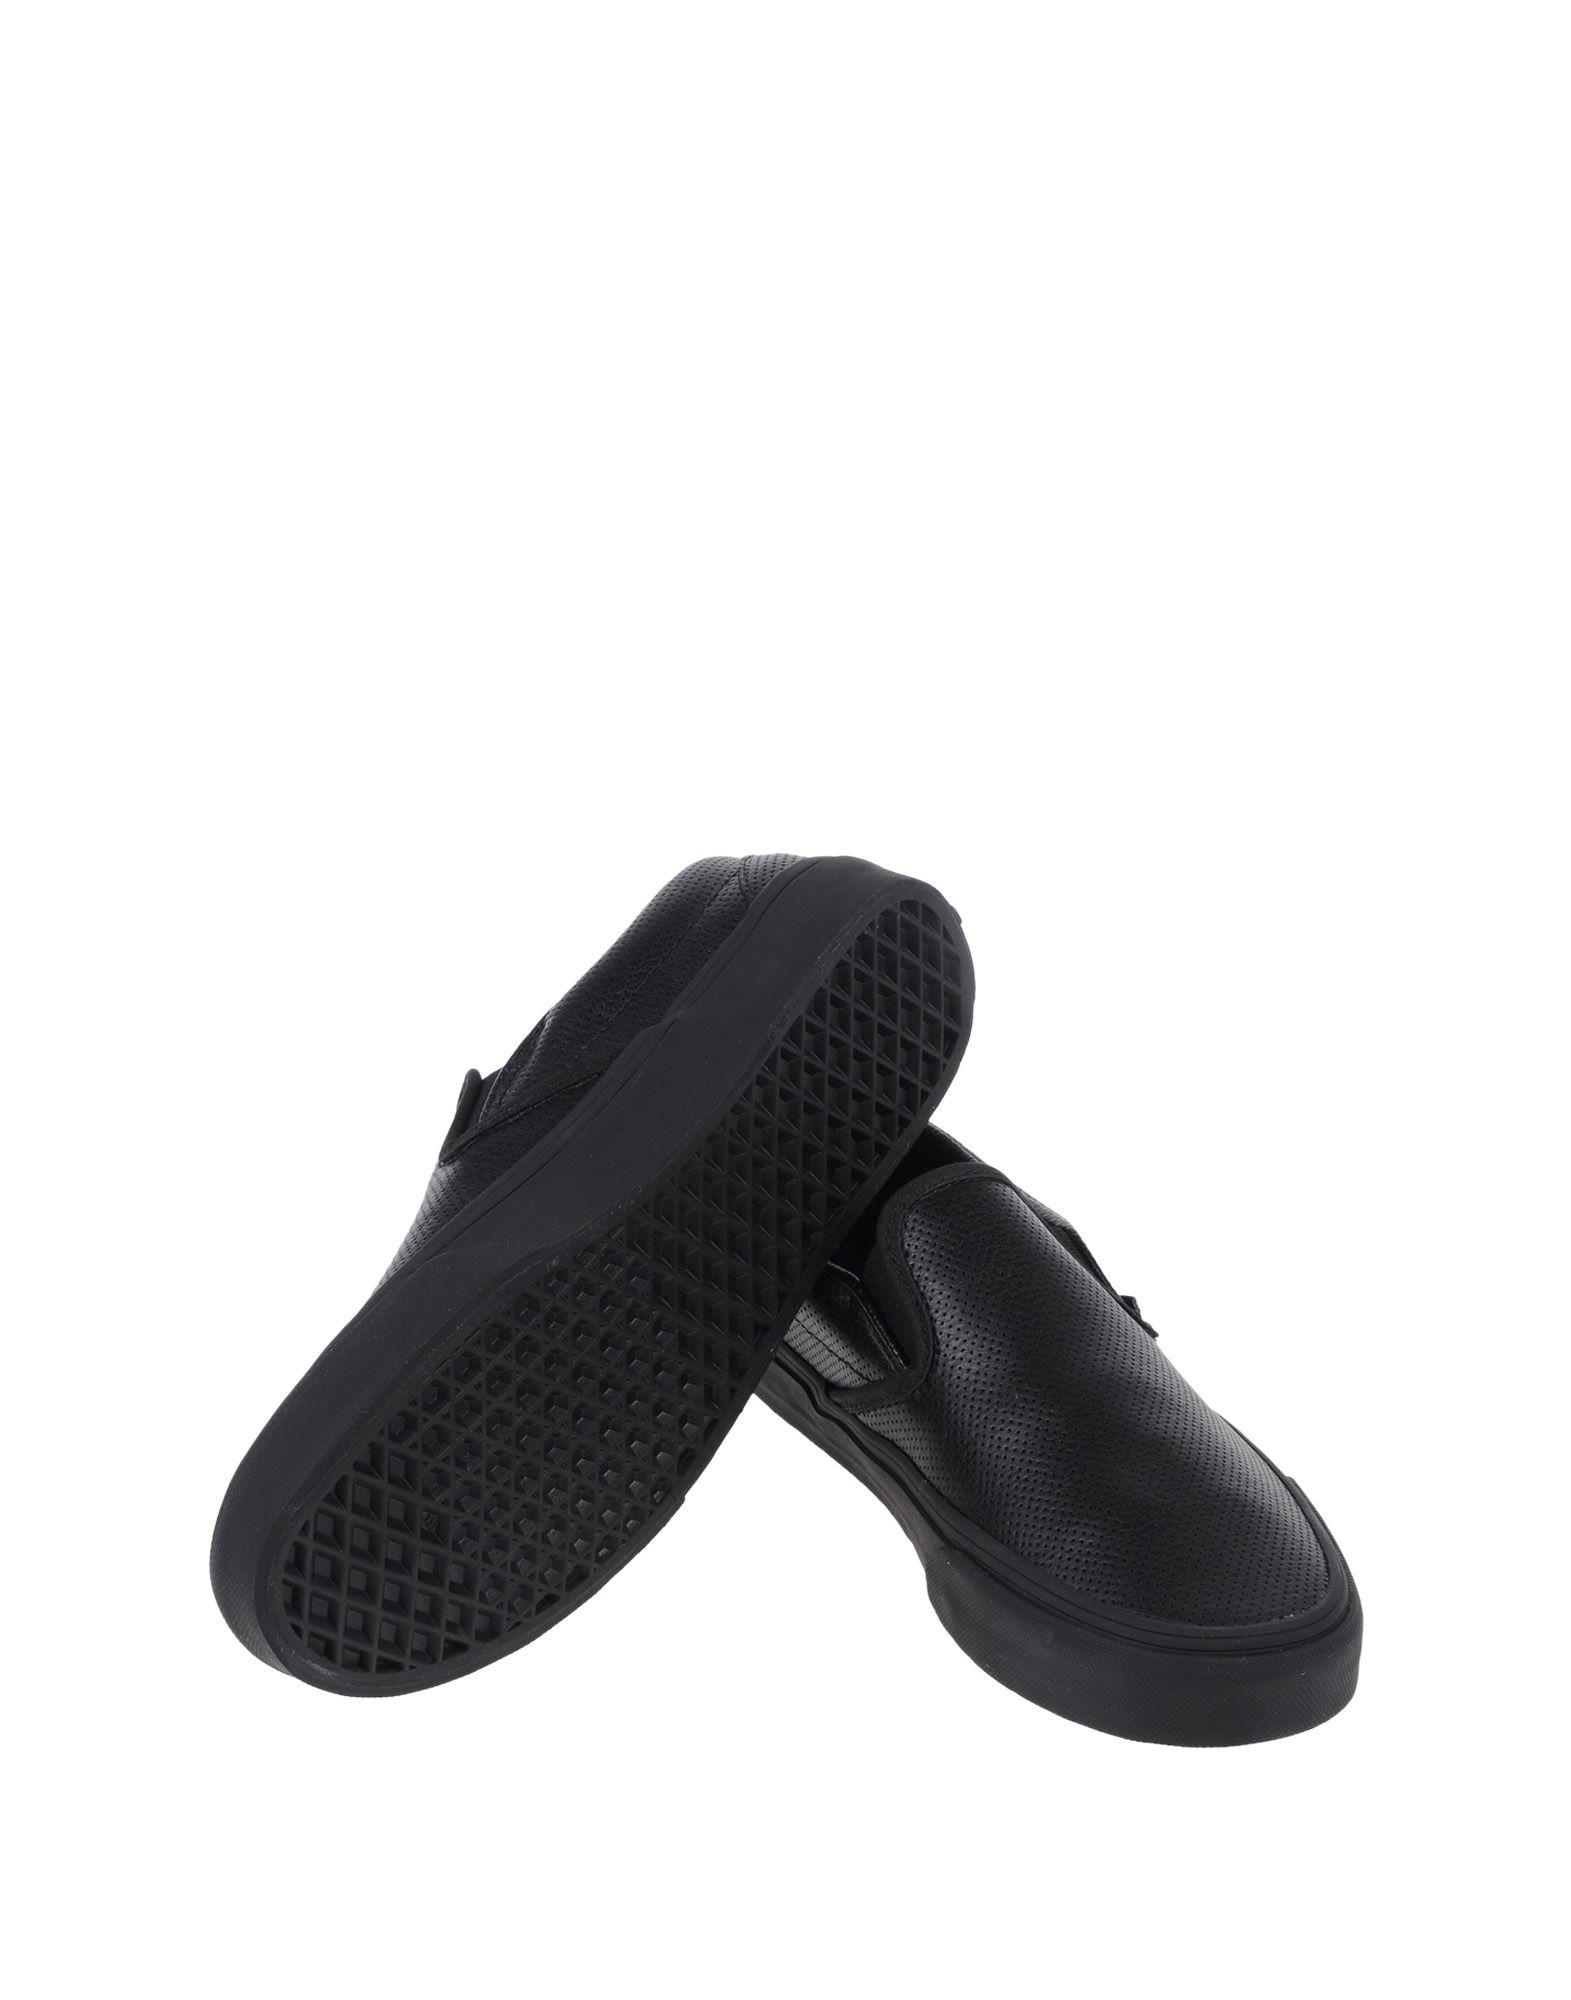 Sneakers Vans U Classic Slip-On (Perf Leather)B - Femme - Sneakers Vans sur